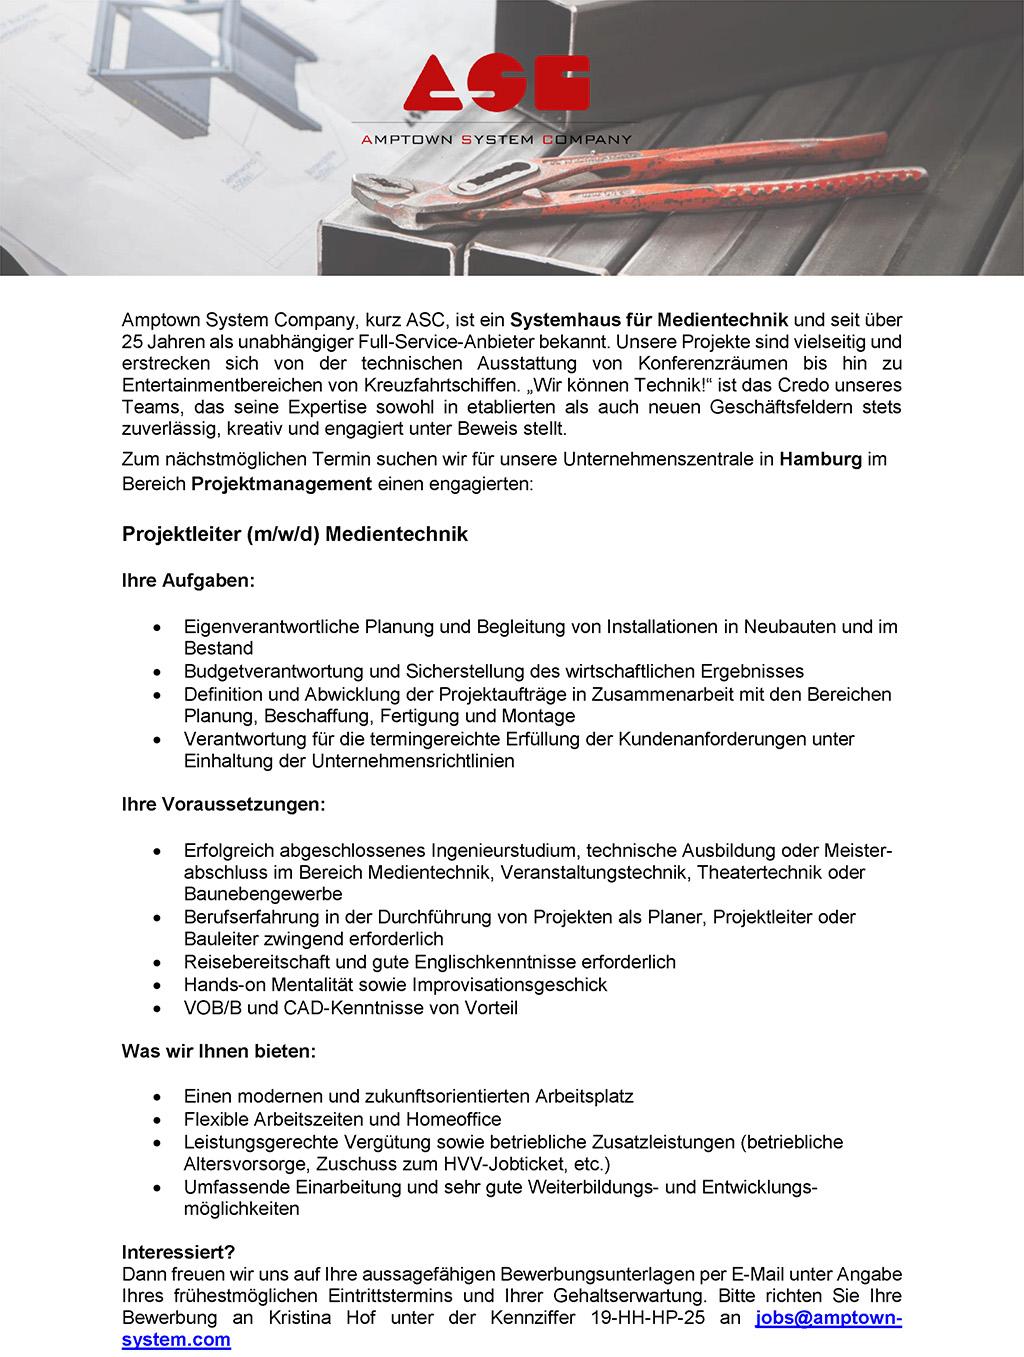 Stellenausschreibung ASC Projektleiter Medientechnik